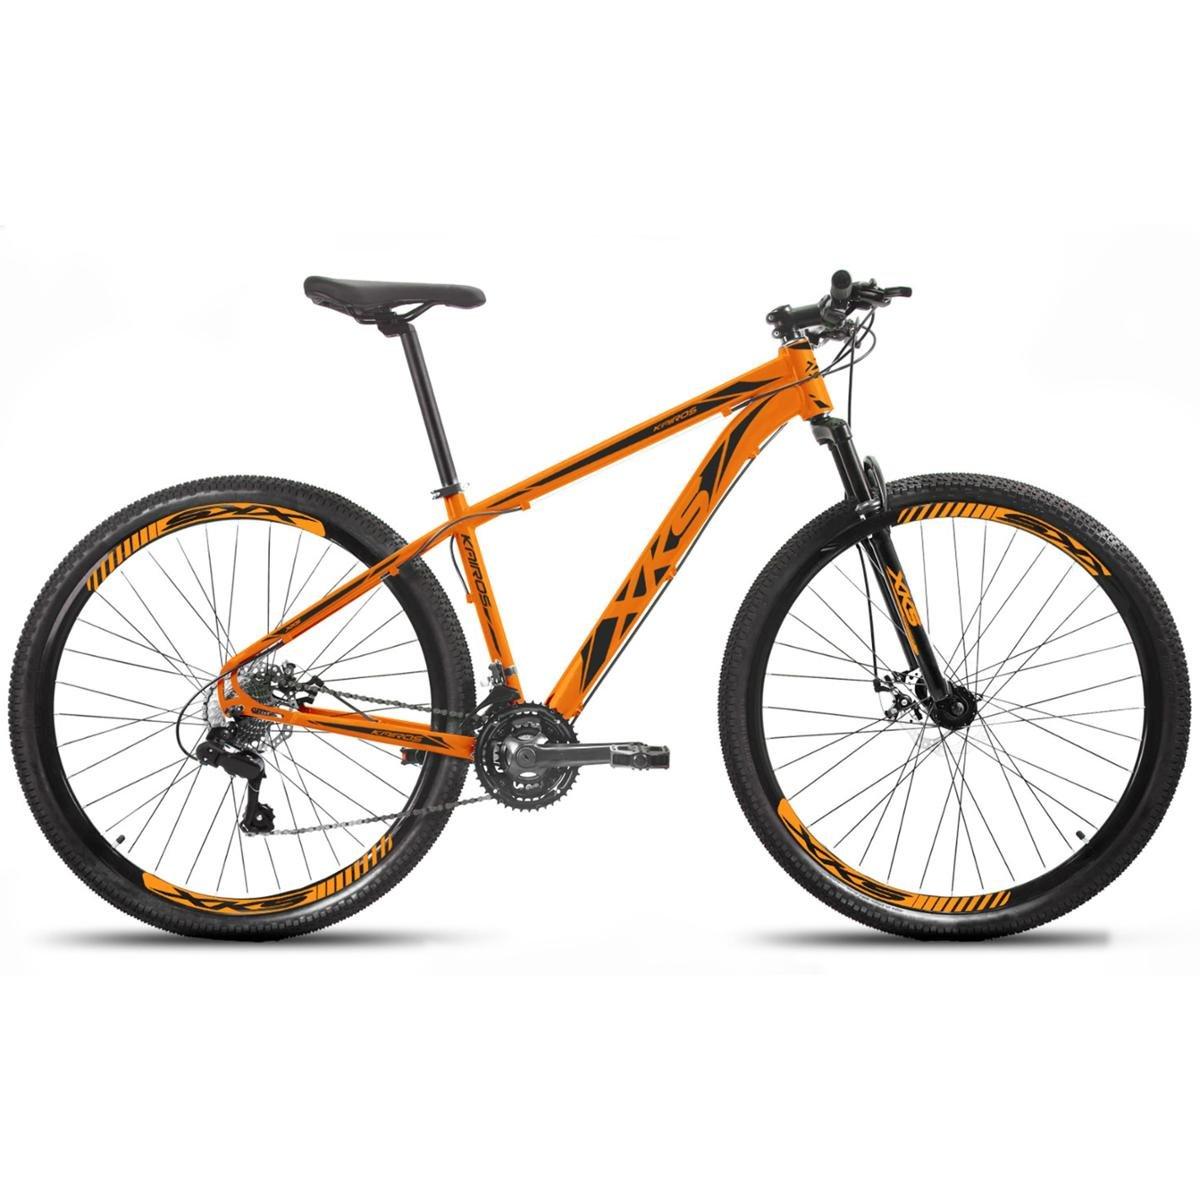 Bicicleta Xks Kairos T19 Aro 29 Susp. Dianteira 21 Marchas - Laranja/preto